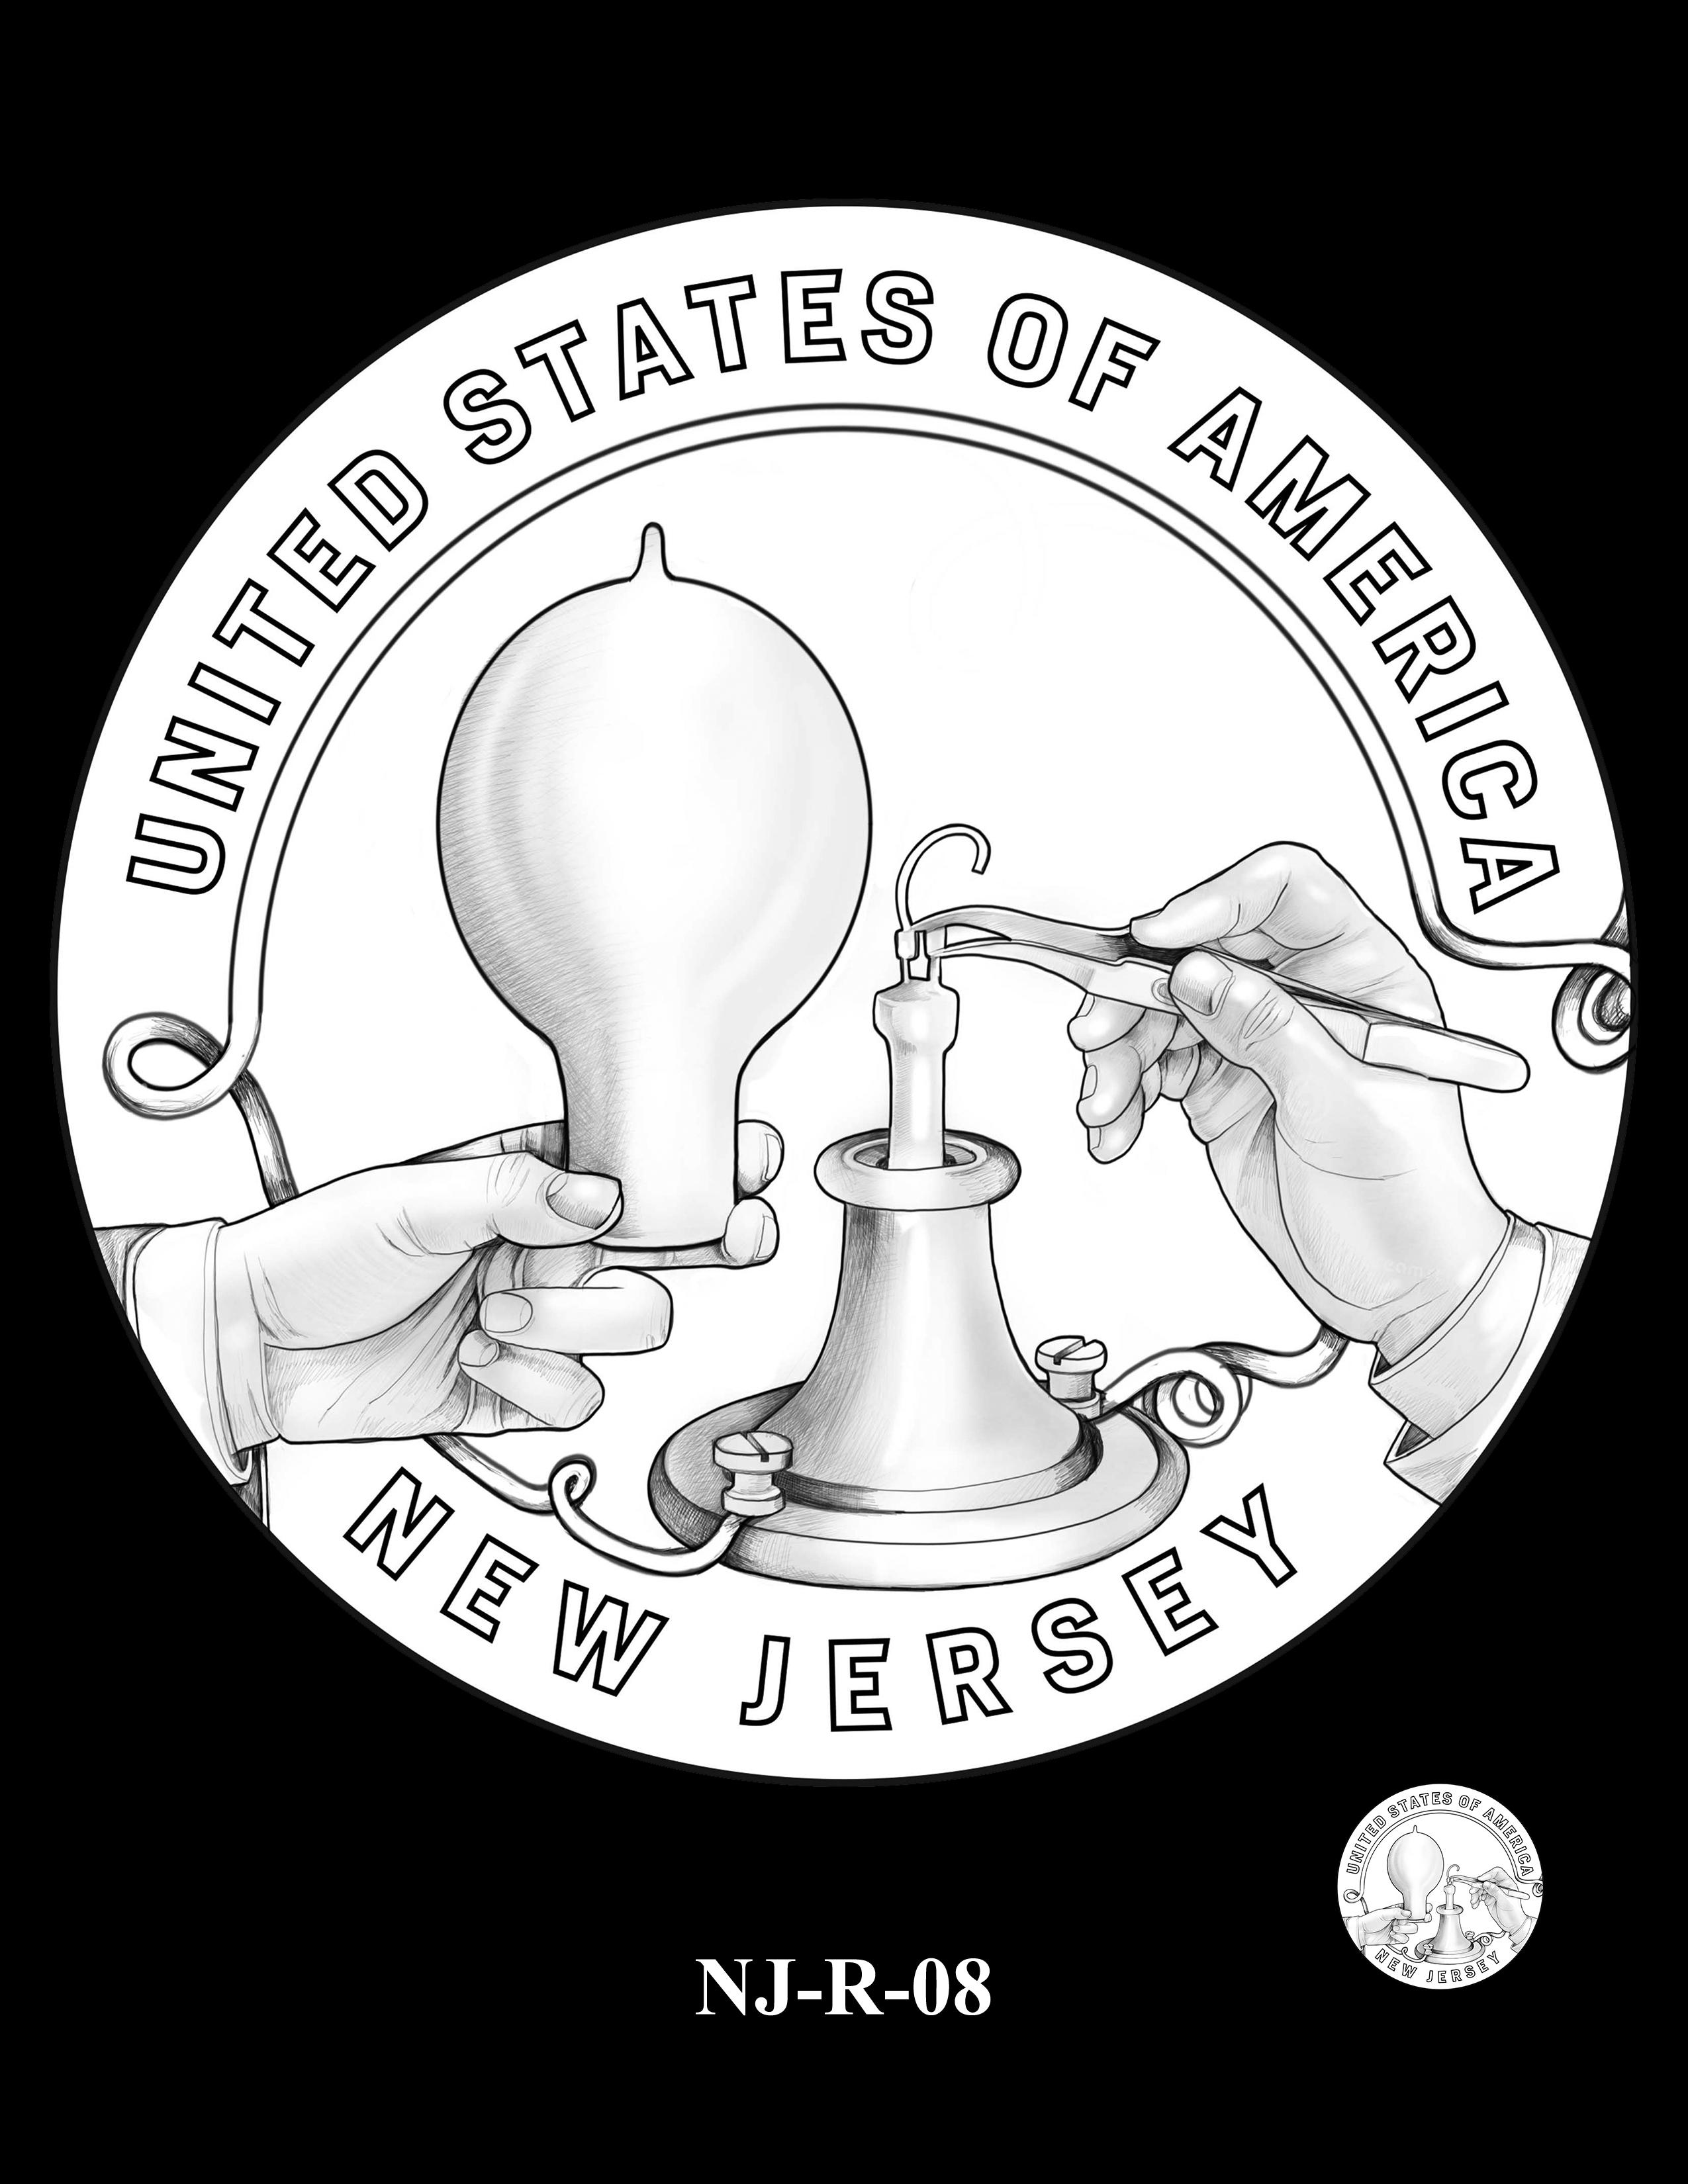 NJ-R-08 -- 2019 American Innovation $1 Coin Program